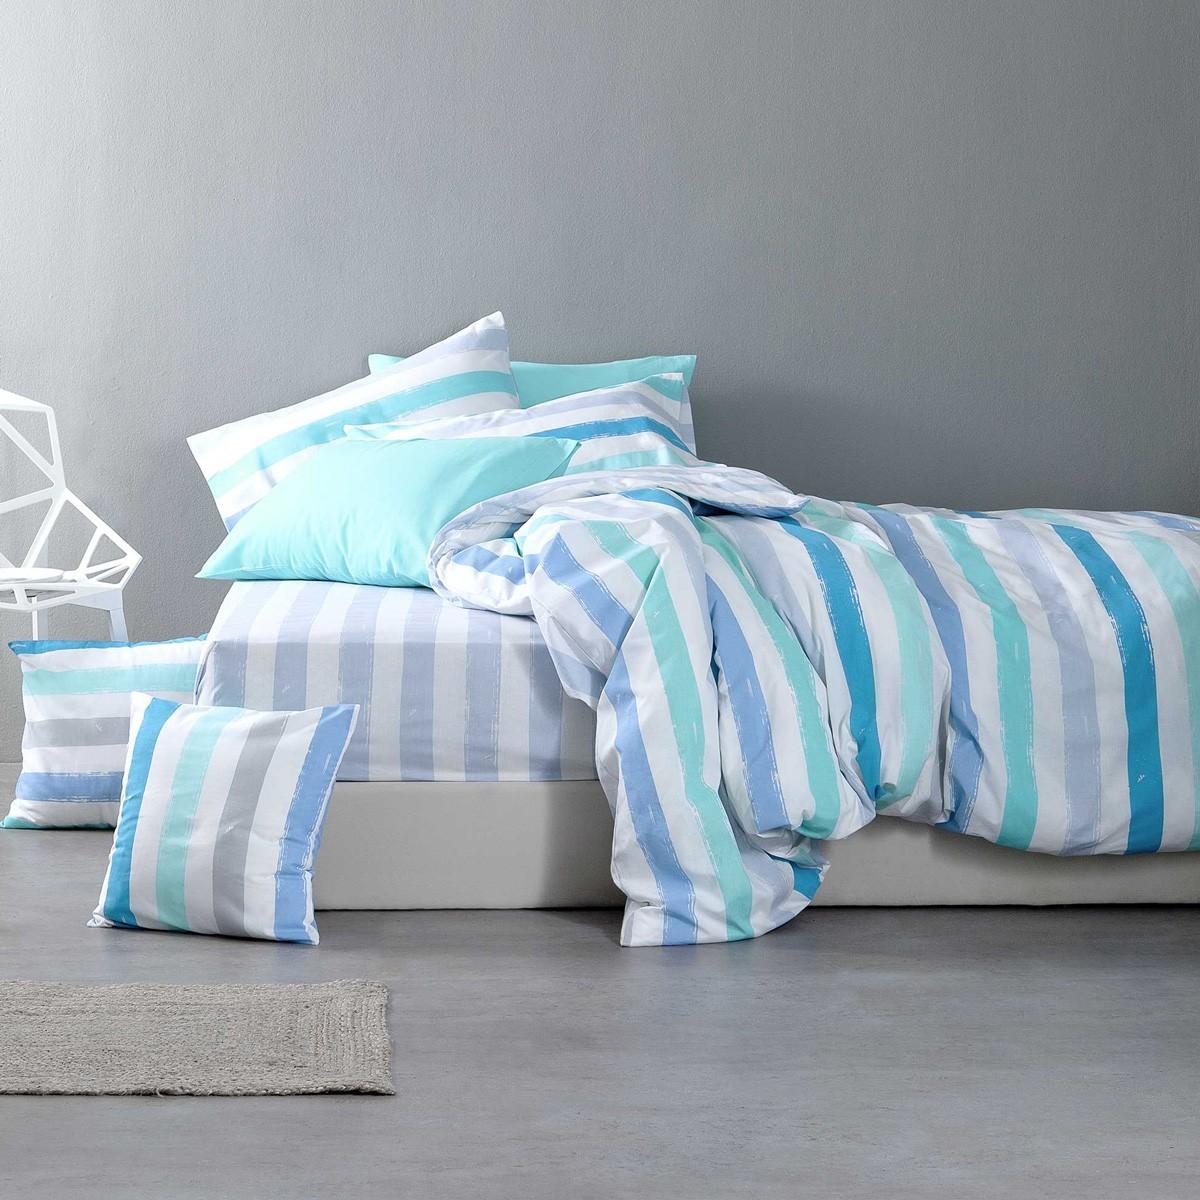 Παπλωματοθήκη Μονή (Σετ) Nima Bed Linen Cantieri Blue